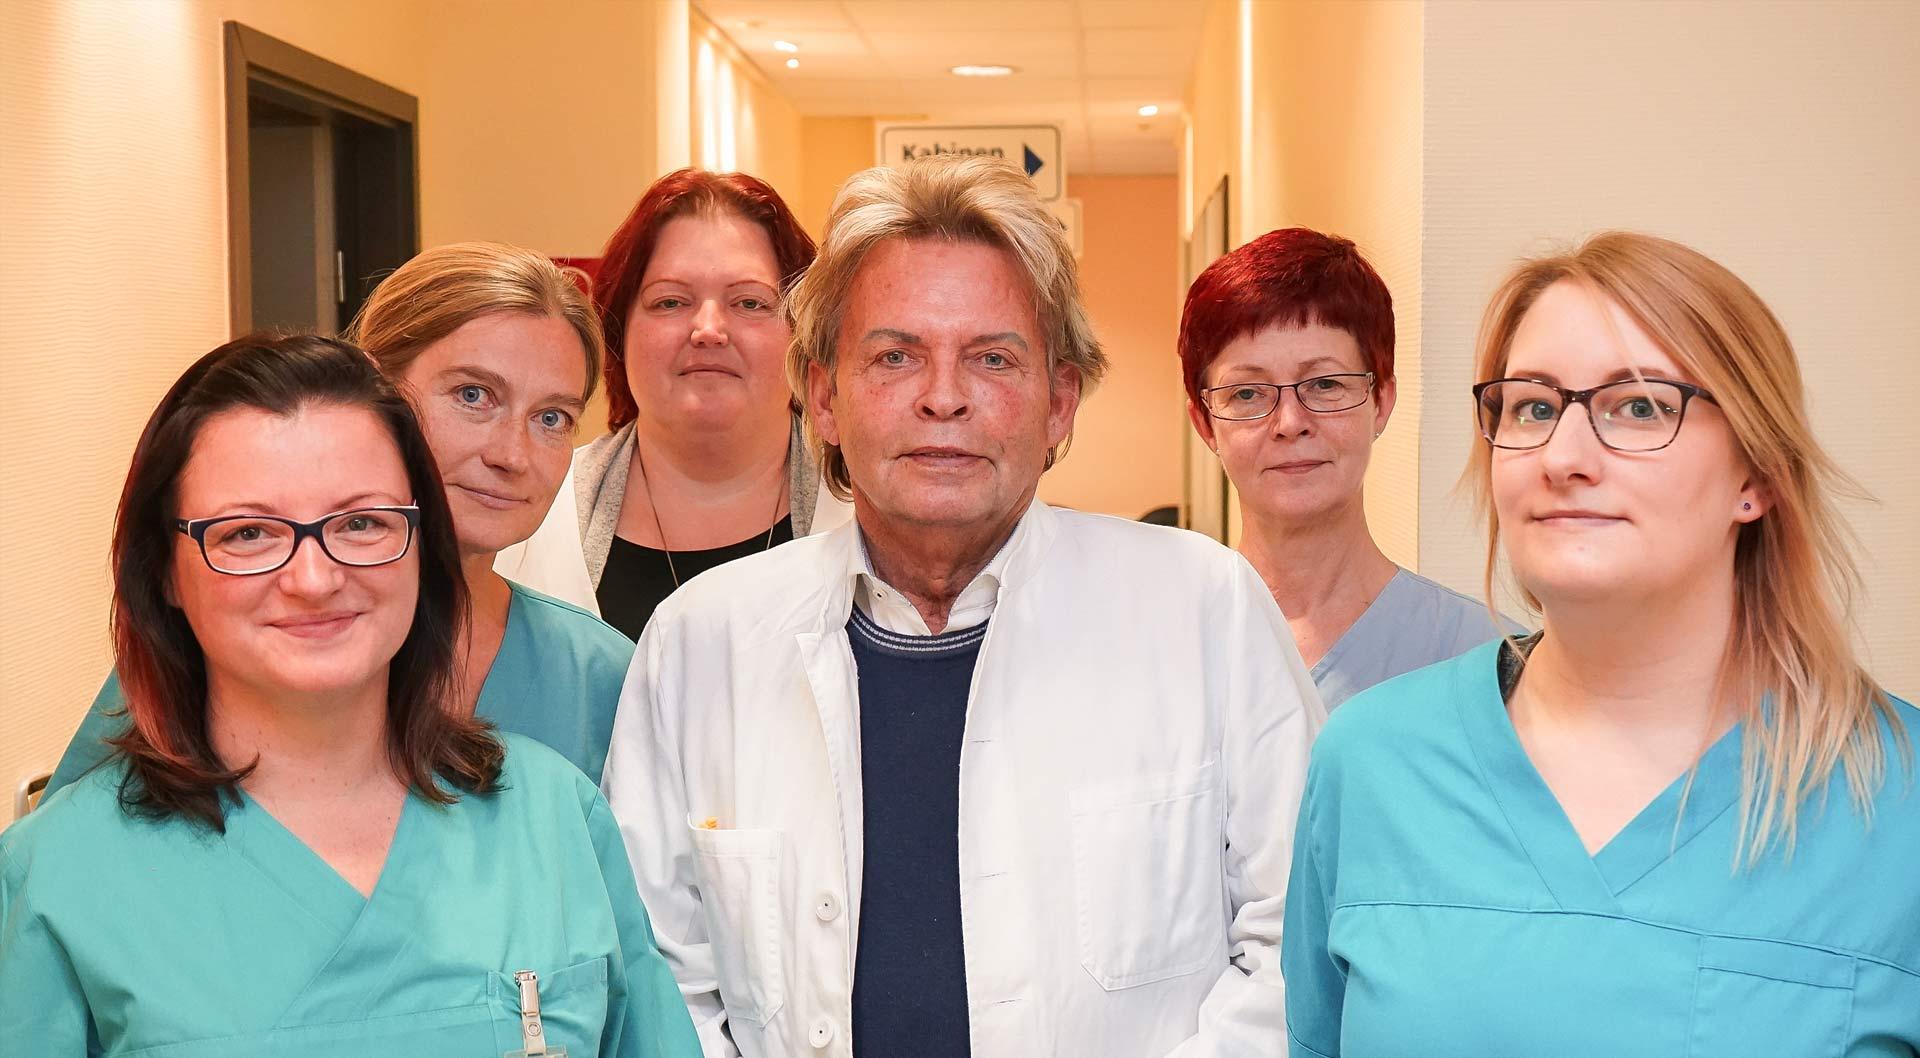 Schön Radiologe Grad Ideen - Menschliche Anatomie Bilder ...